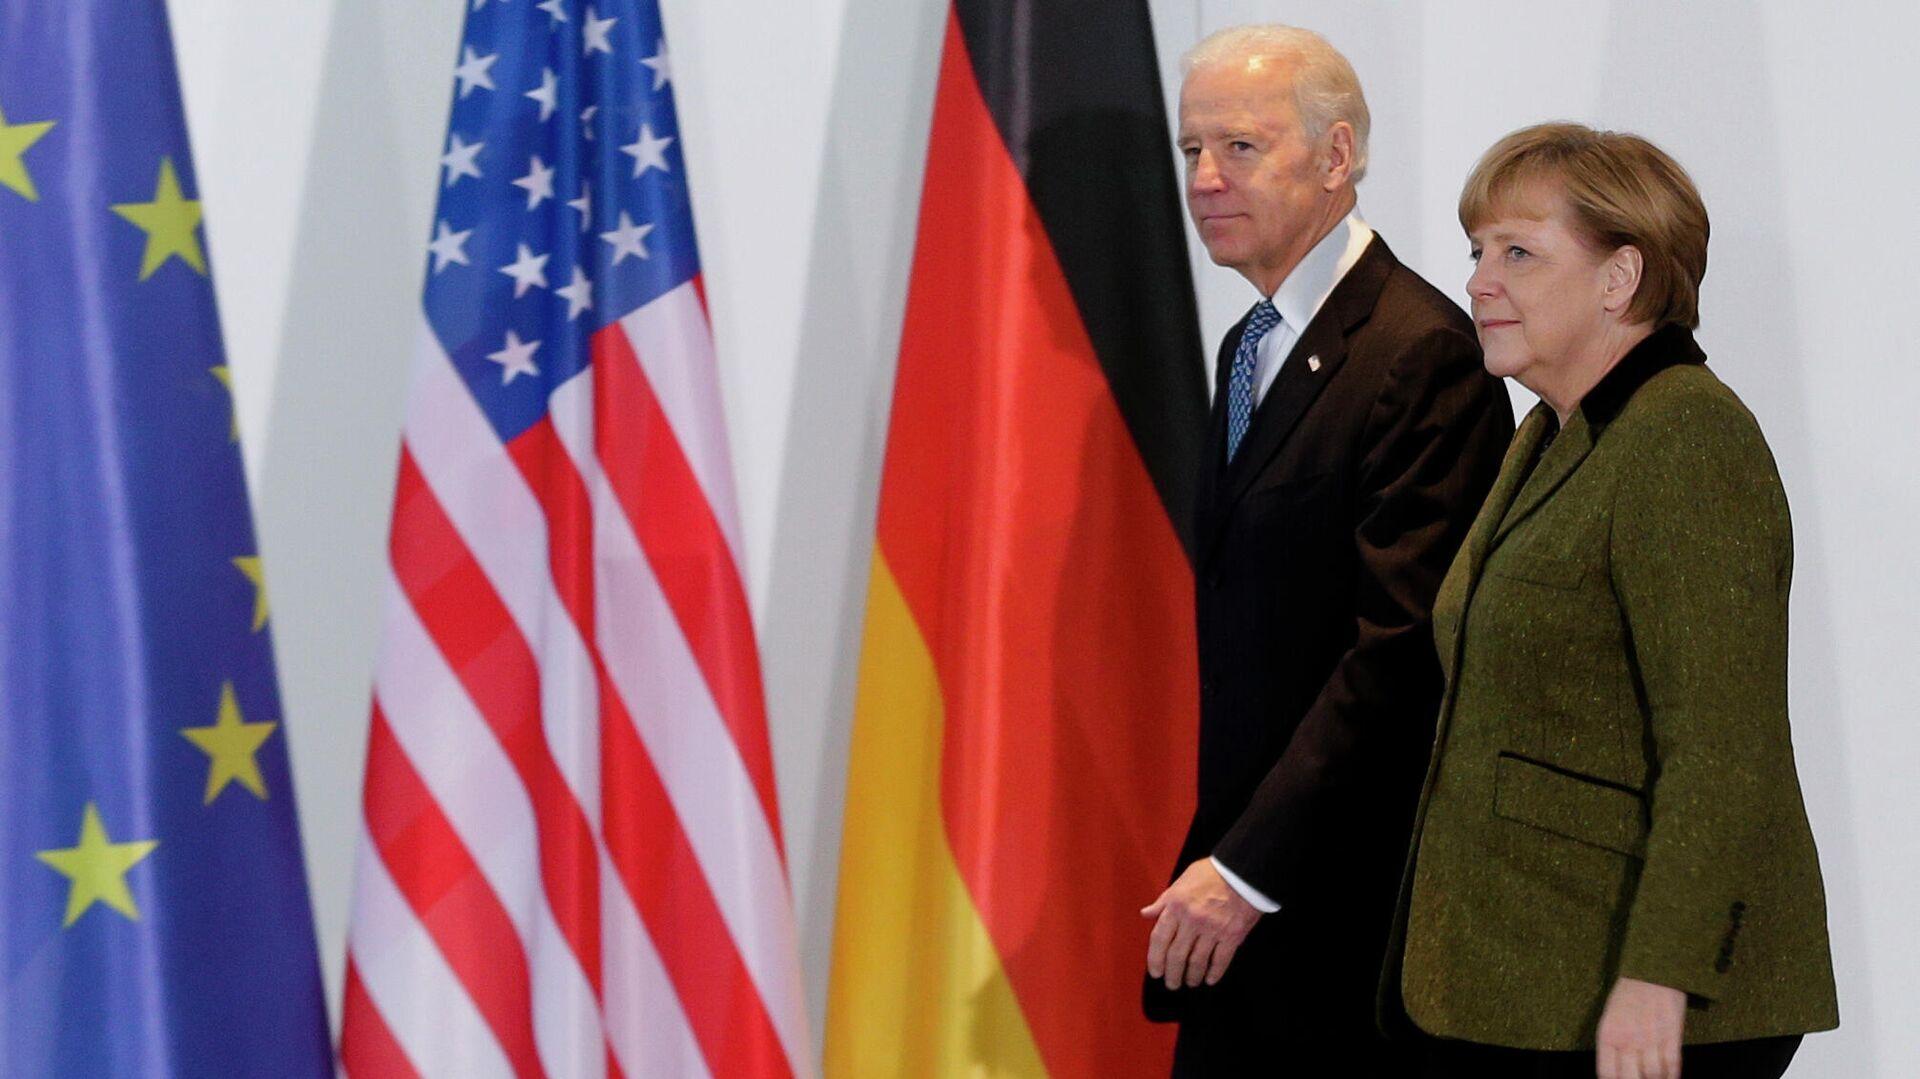 Das am 1. Februar 2013 aufgenommene Bild zeigt Bundeskanzlerin Angela Merkel (rechts) und den Vizepräsidenten der Vereinigten Staaten, Joe Biden, in der Kanzlei in Berlin.  - SNA, 1920, 14.04.2021